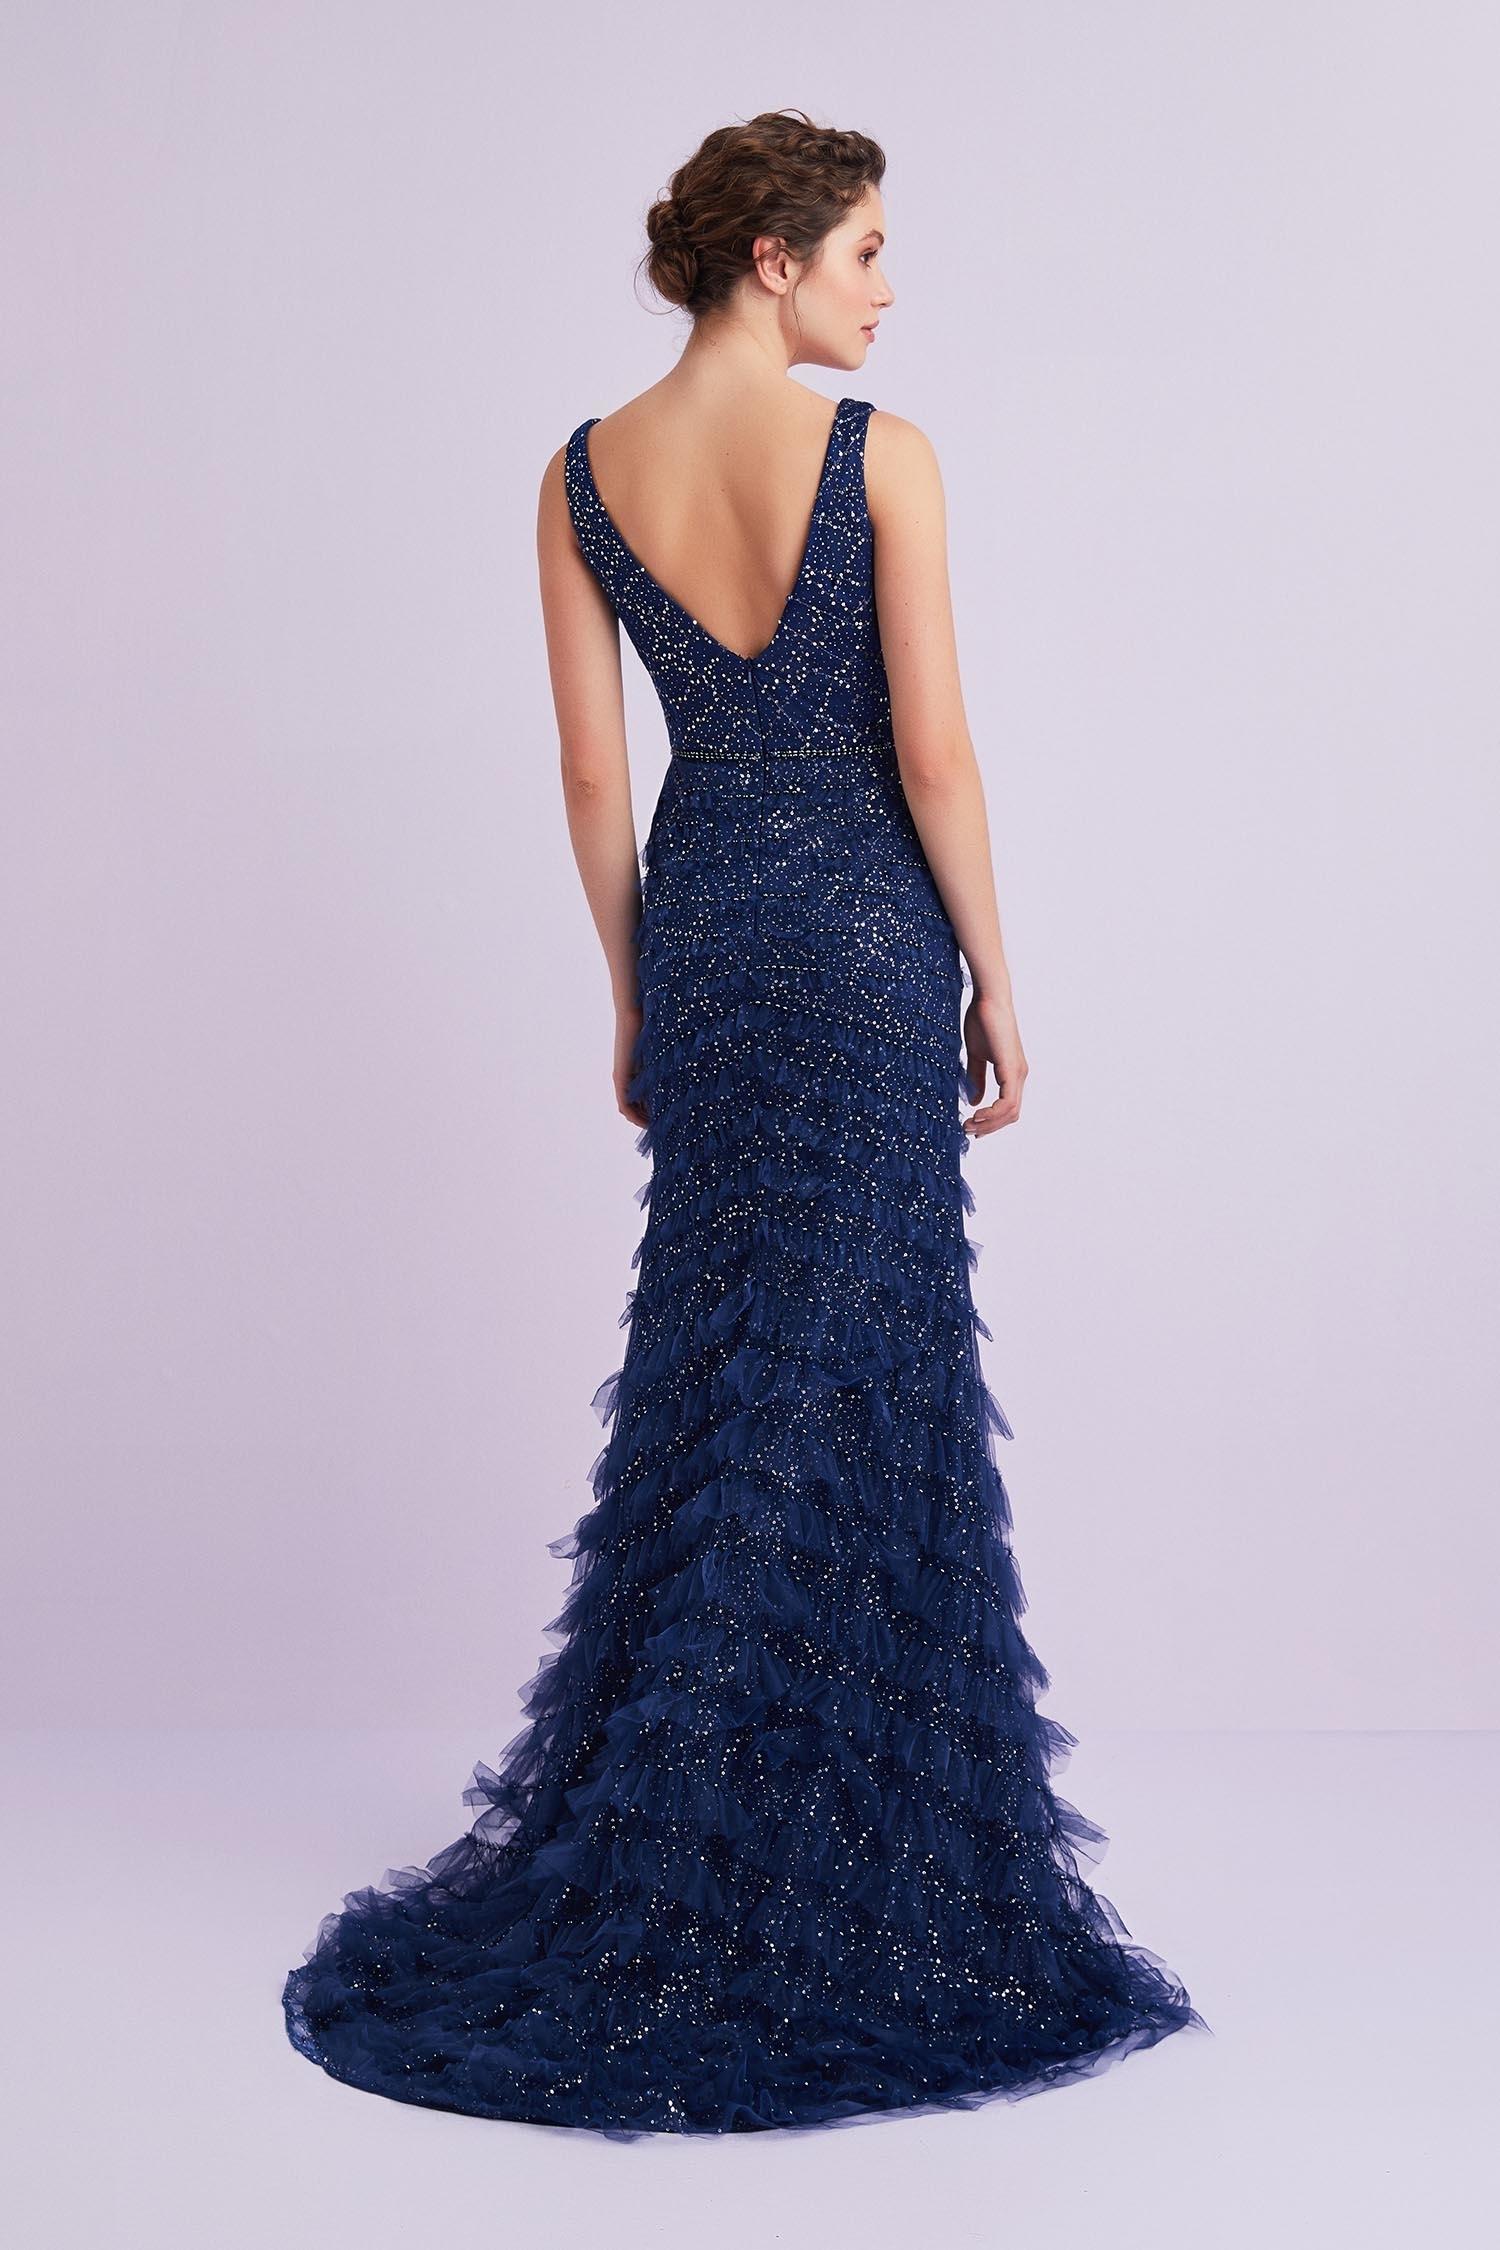 Lacivert Kalın Askılı Payet İşlemeli Uzun Elbise - Thumbnail